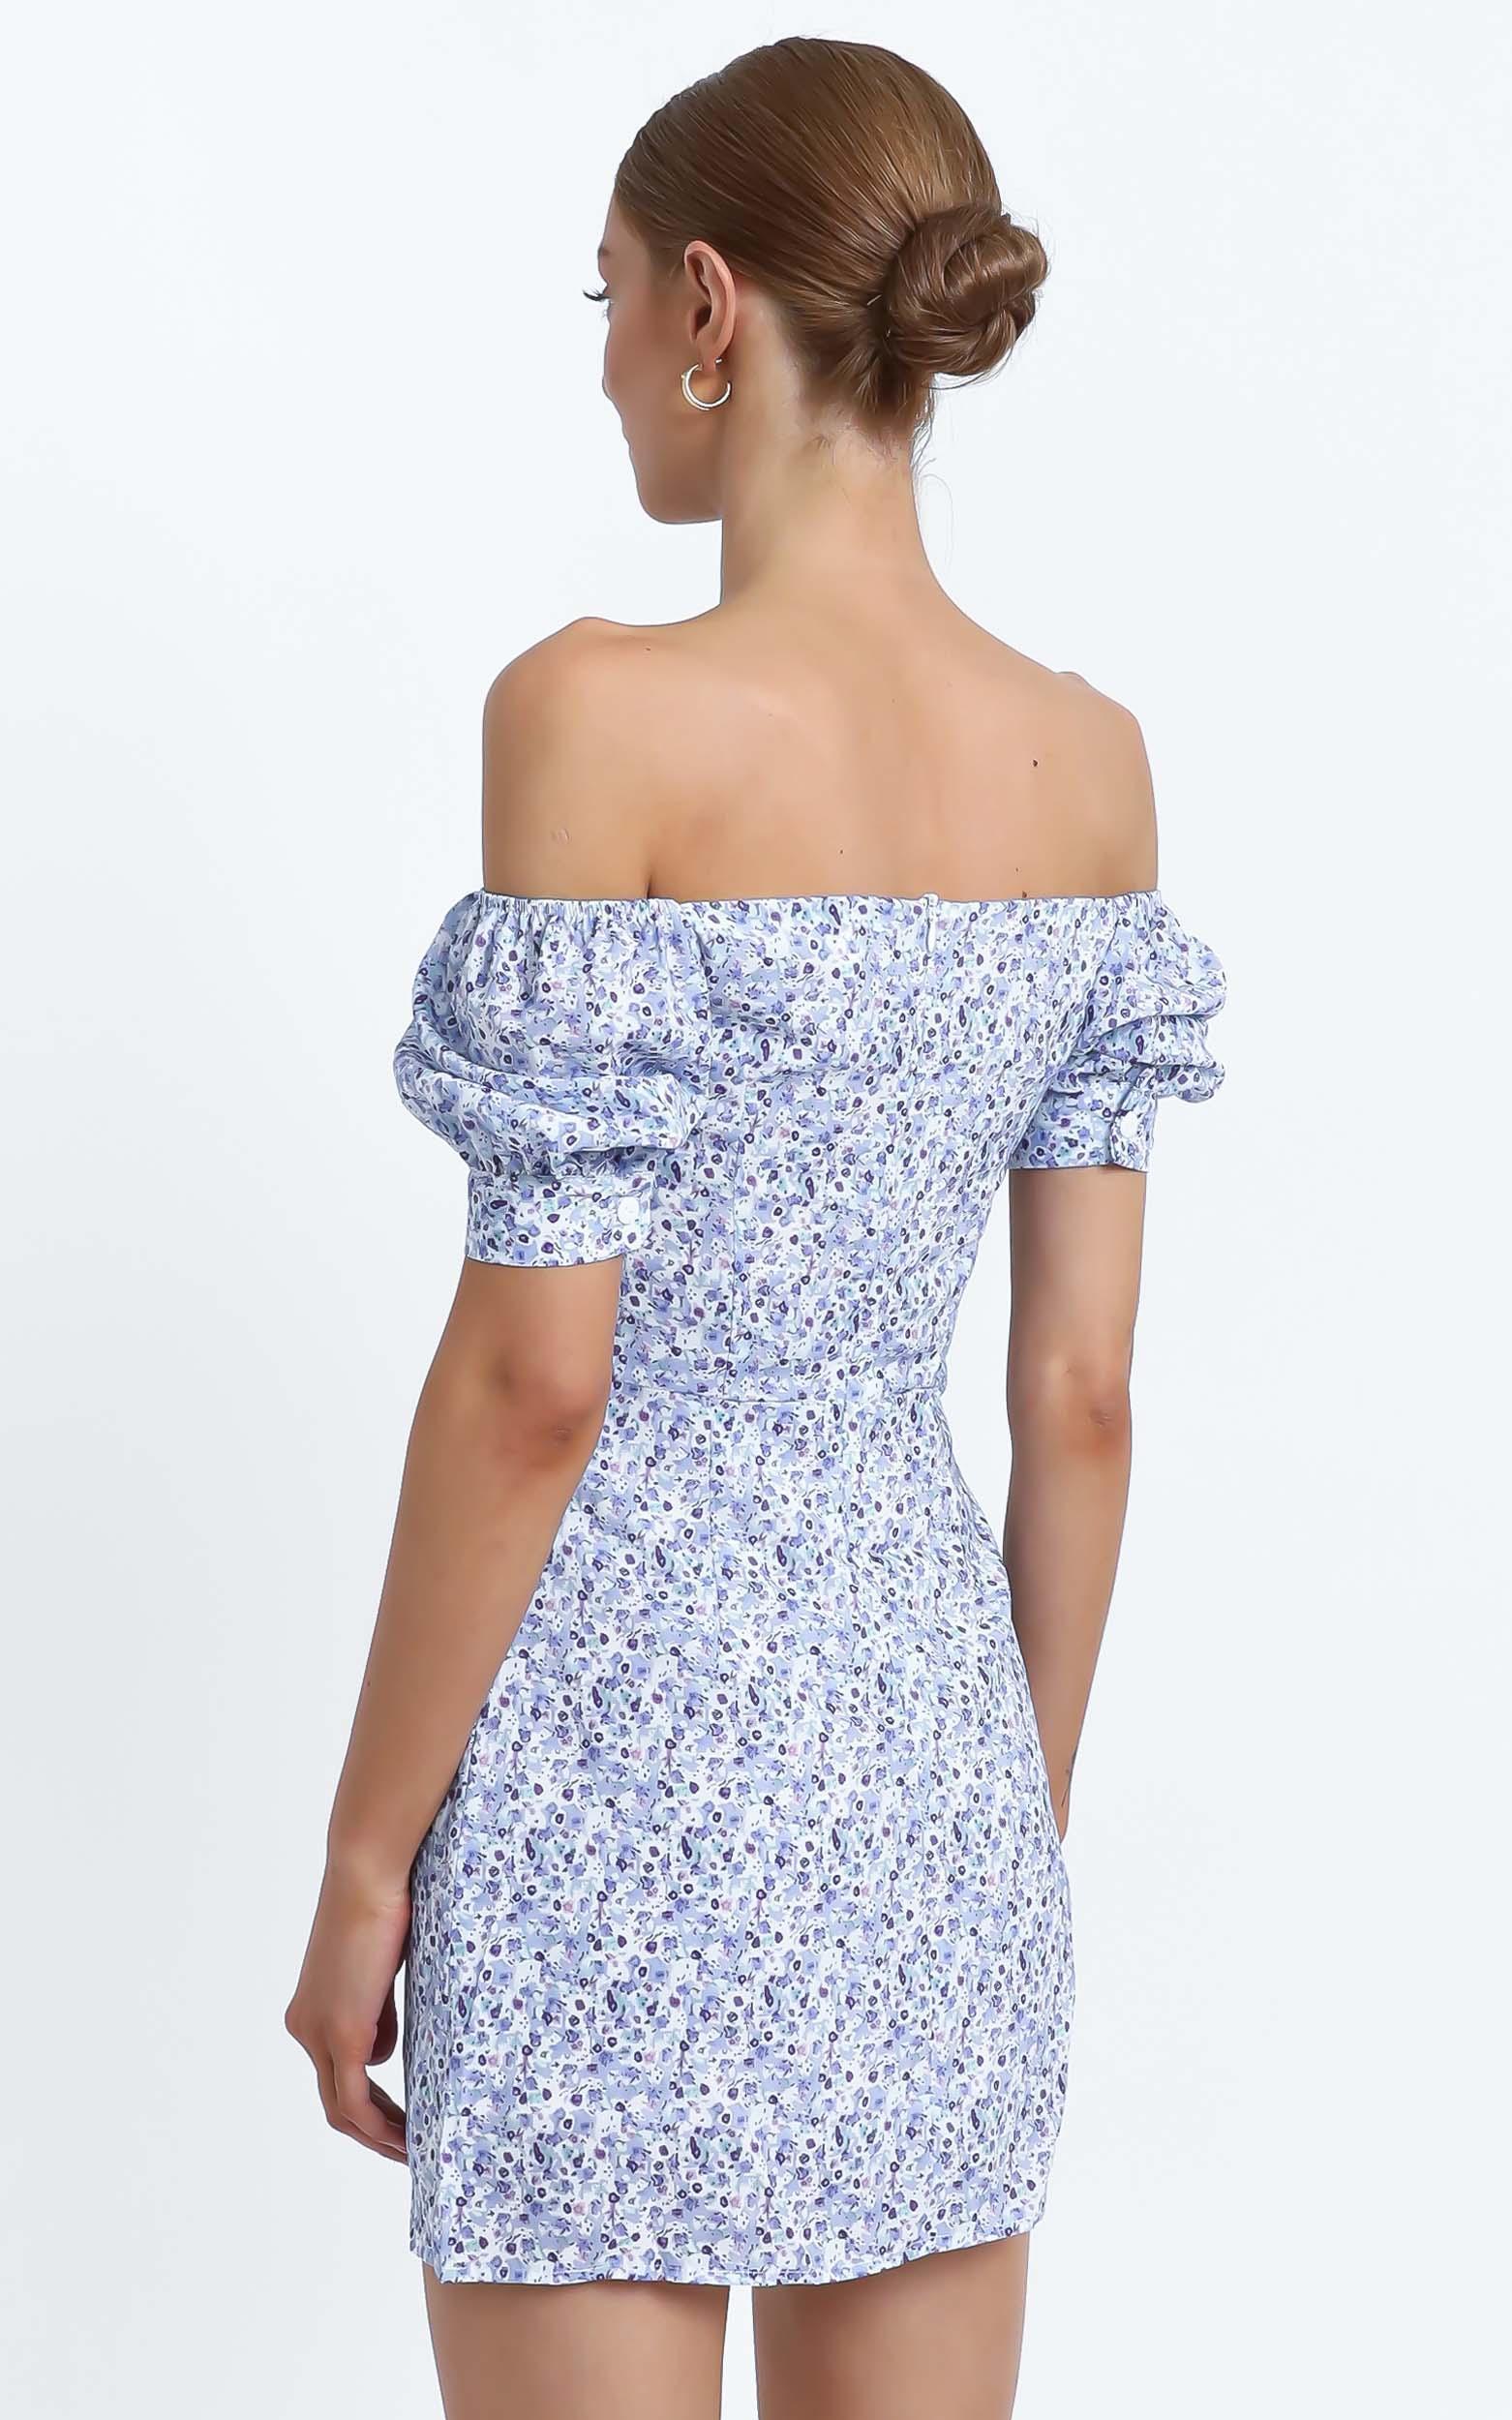 Evans Dress in Blue Floral - L, Blue, hi-res image number null